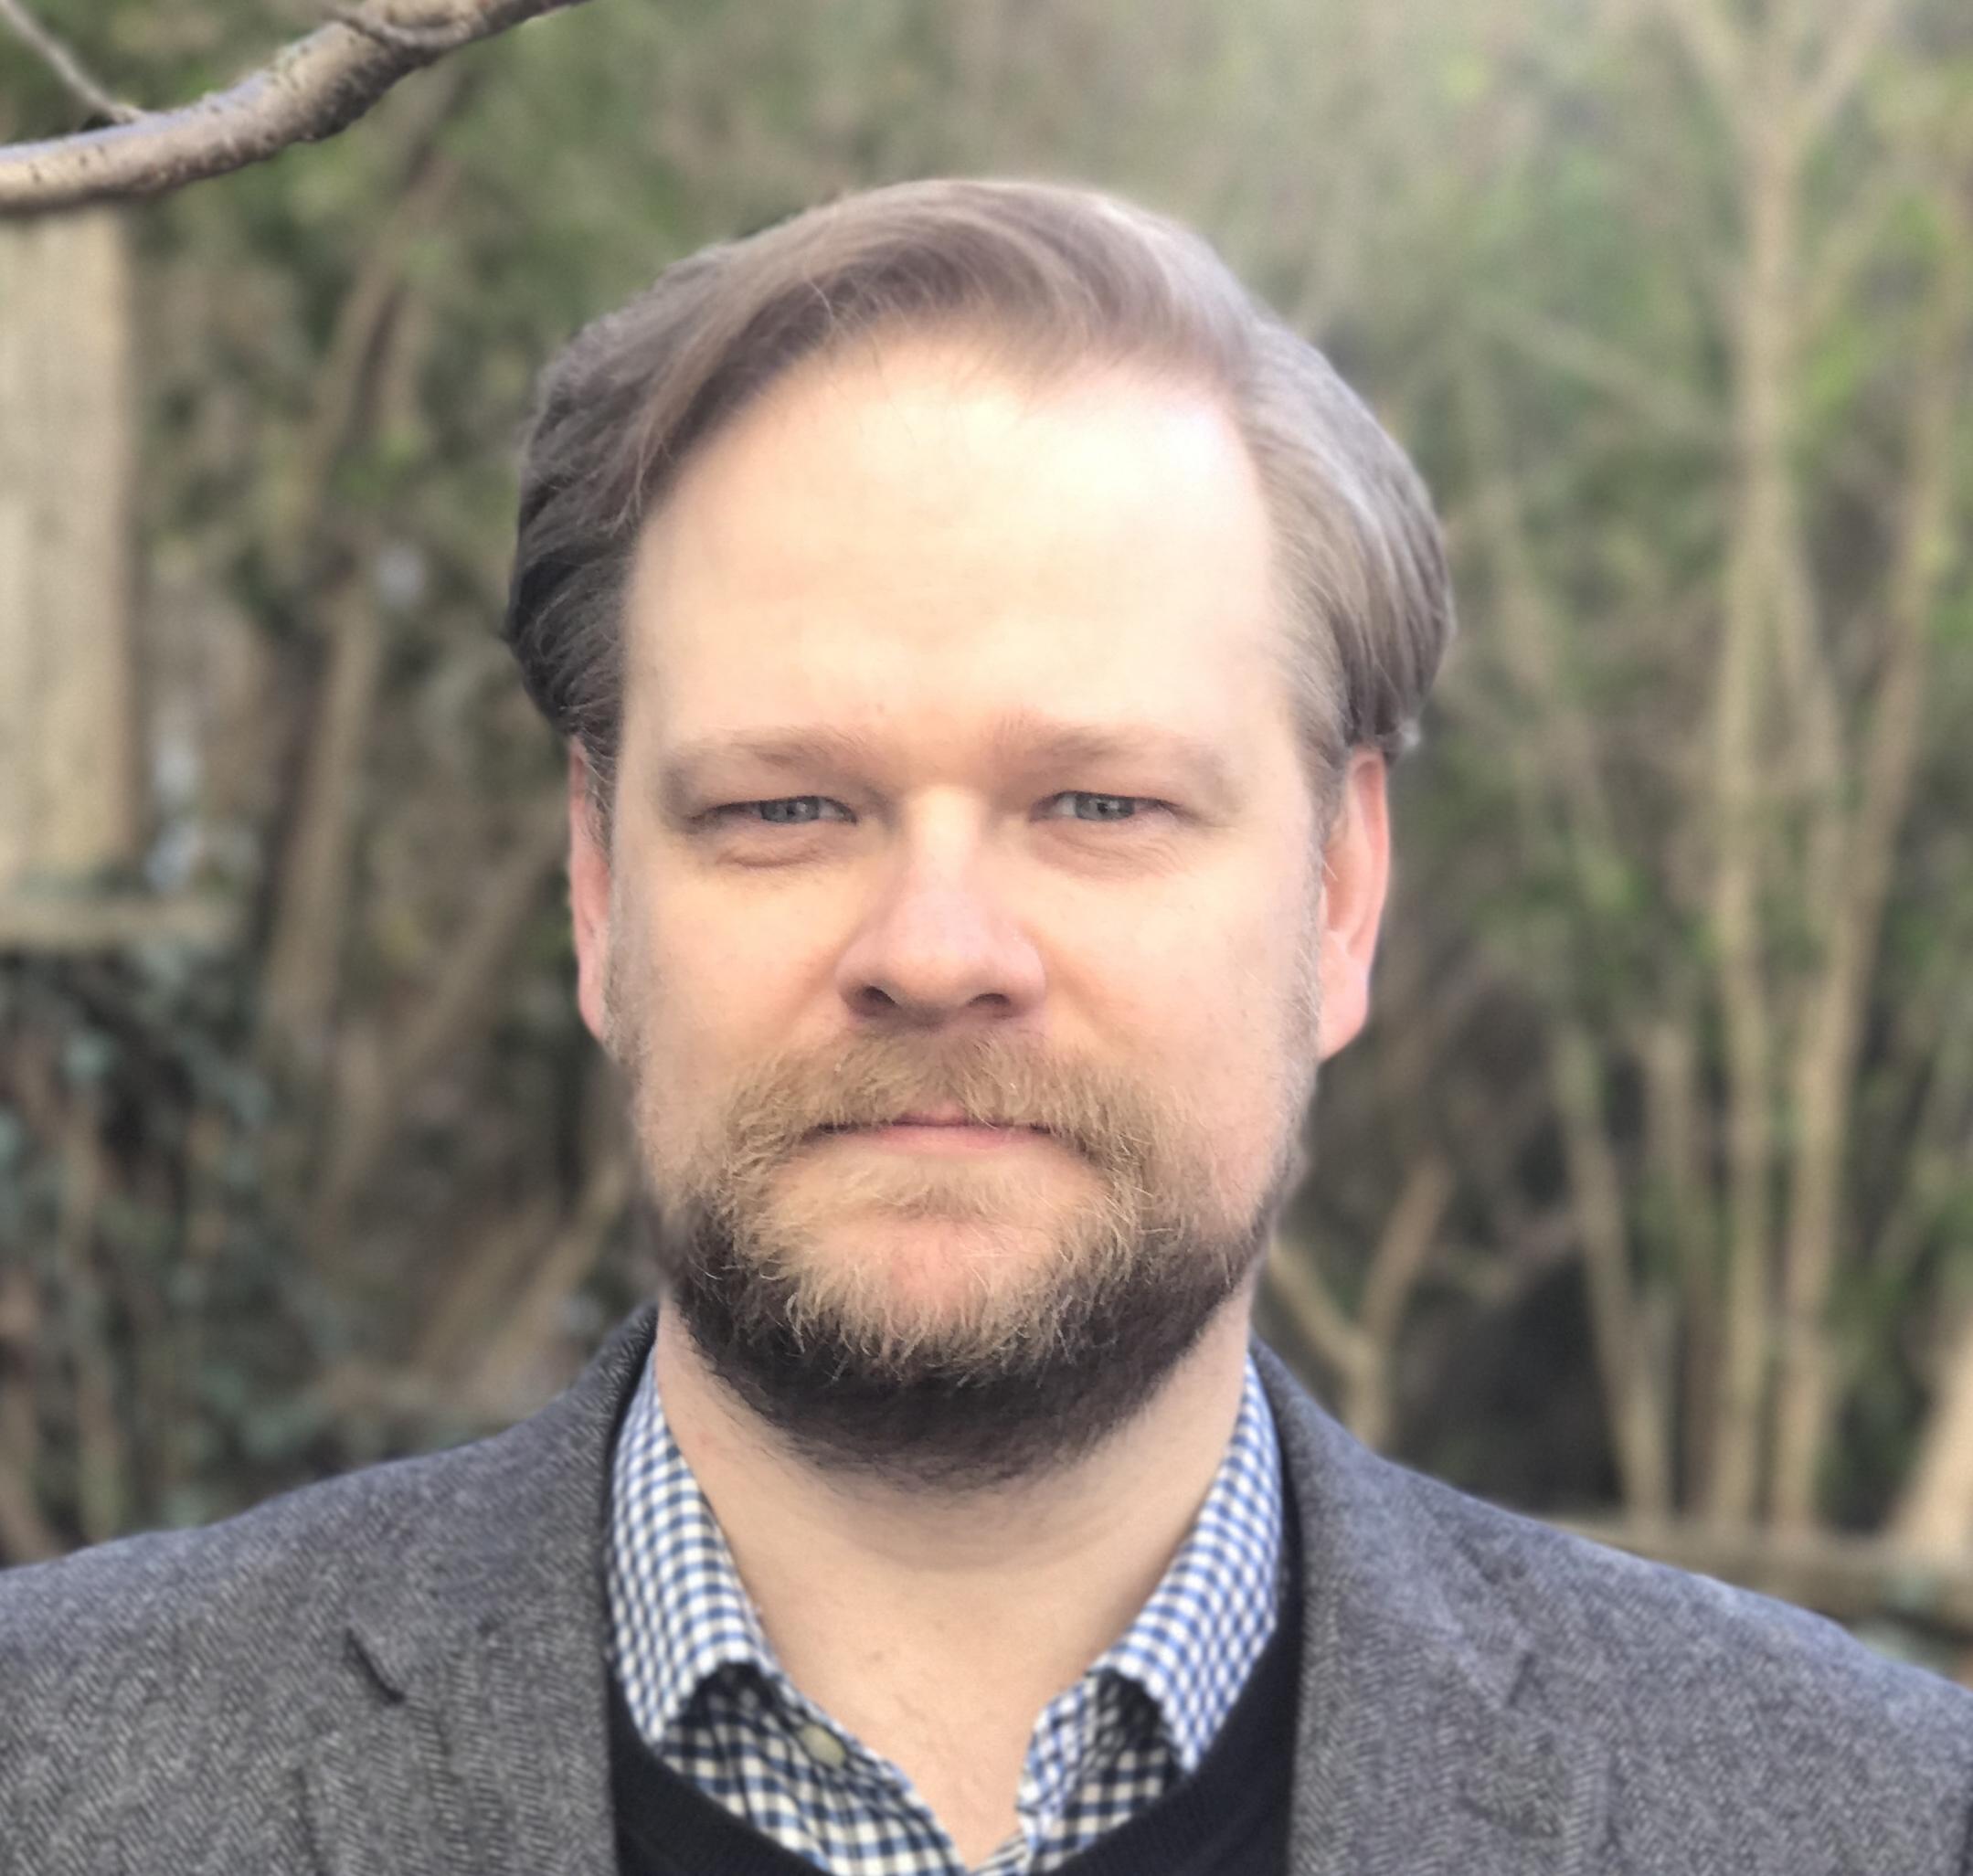 Conferencia de Joshua Benton, director del Nieman Journalism Lab, sobre opinión pública y el futuro papel del periodista